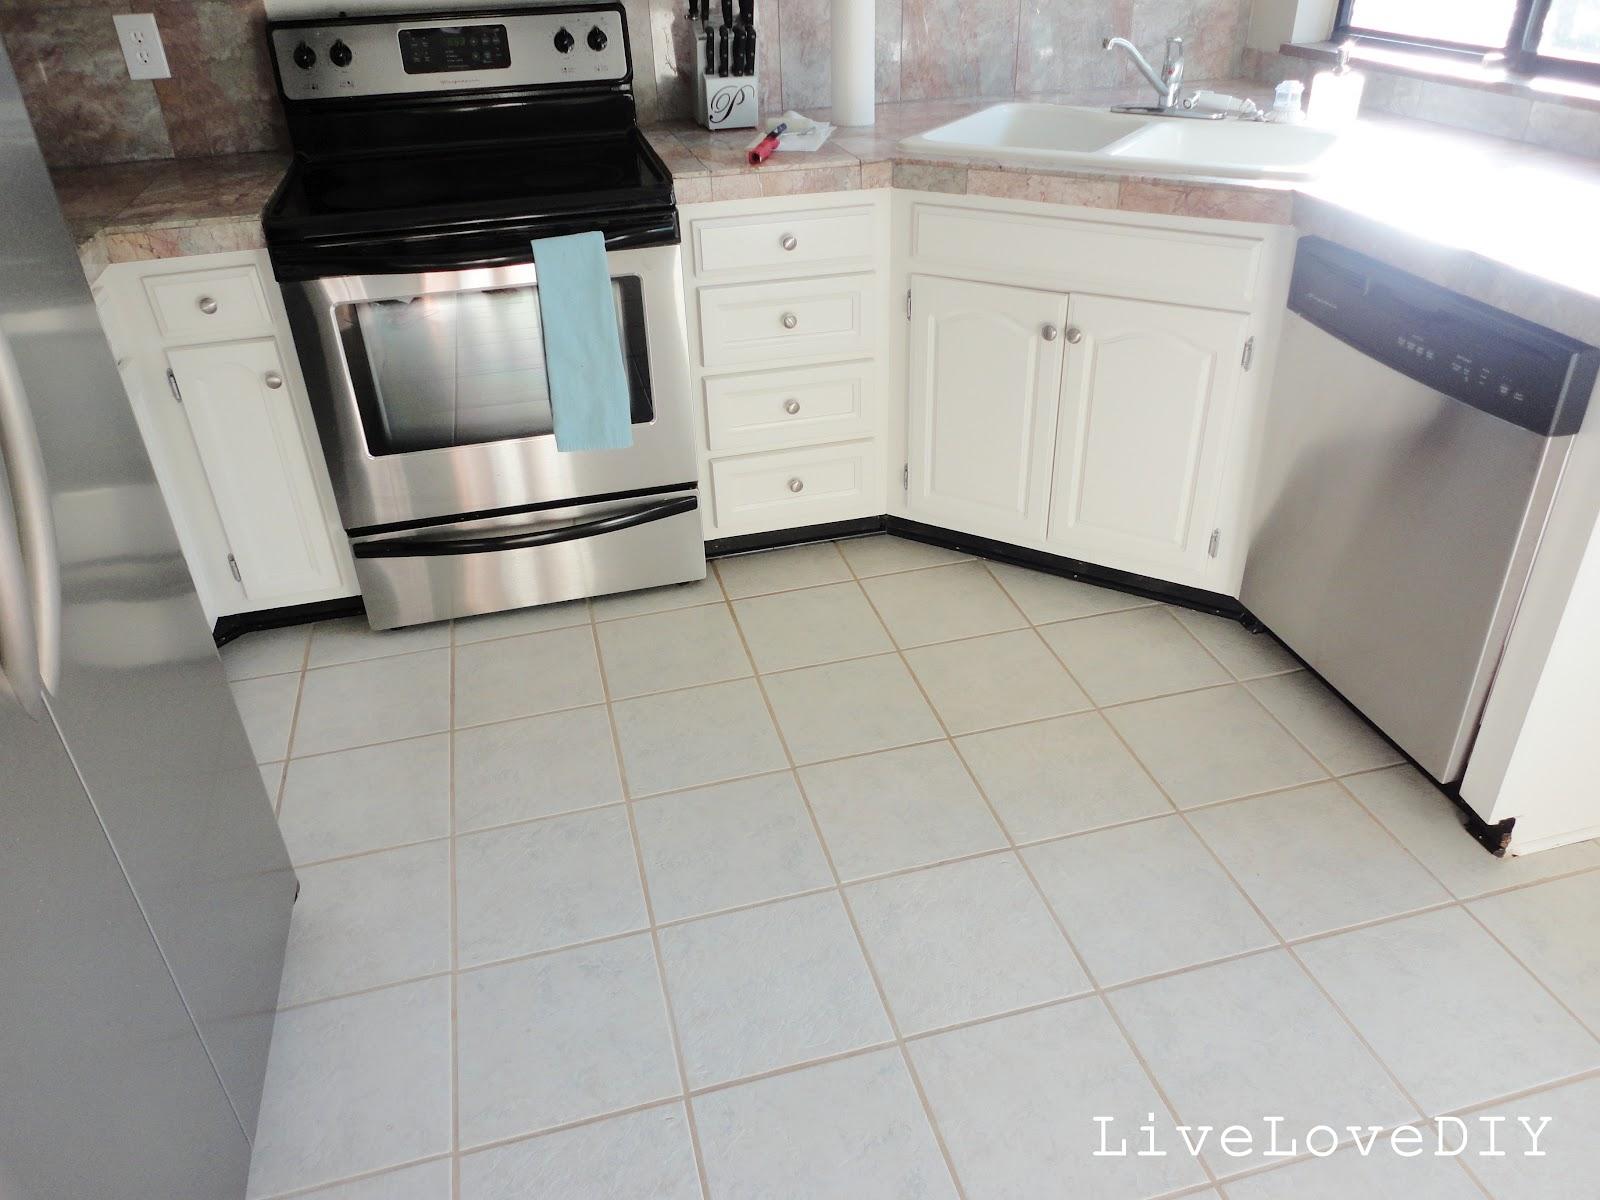 white tile floor. LiveLoveDIY  How To Restore Dirty Tile Grout